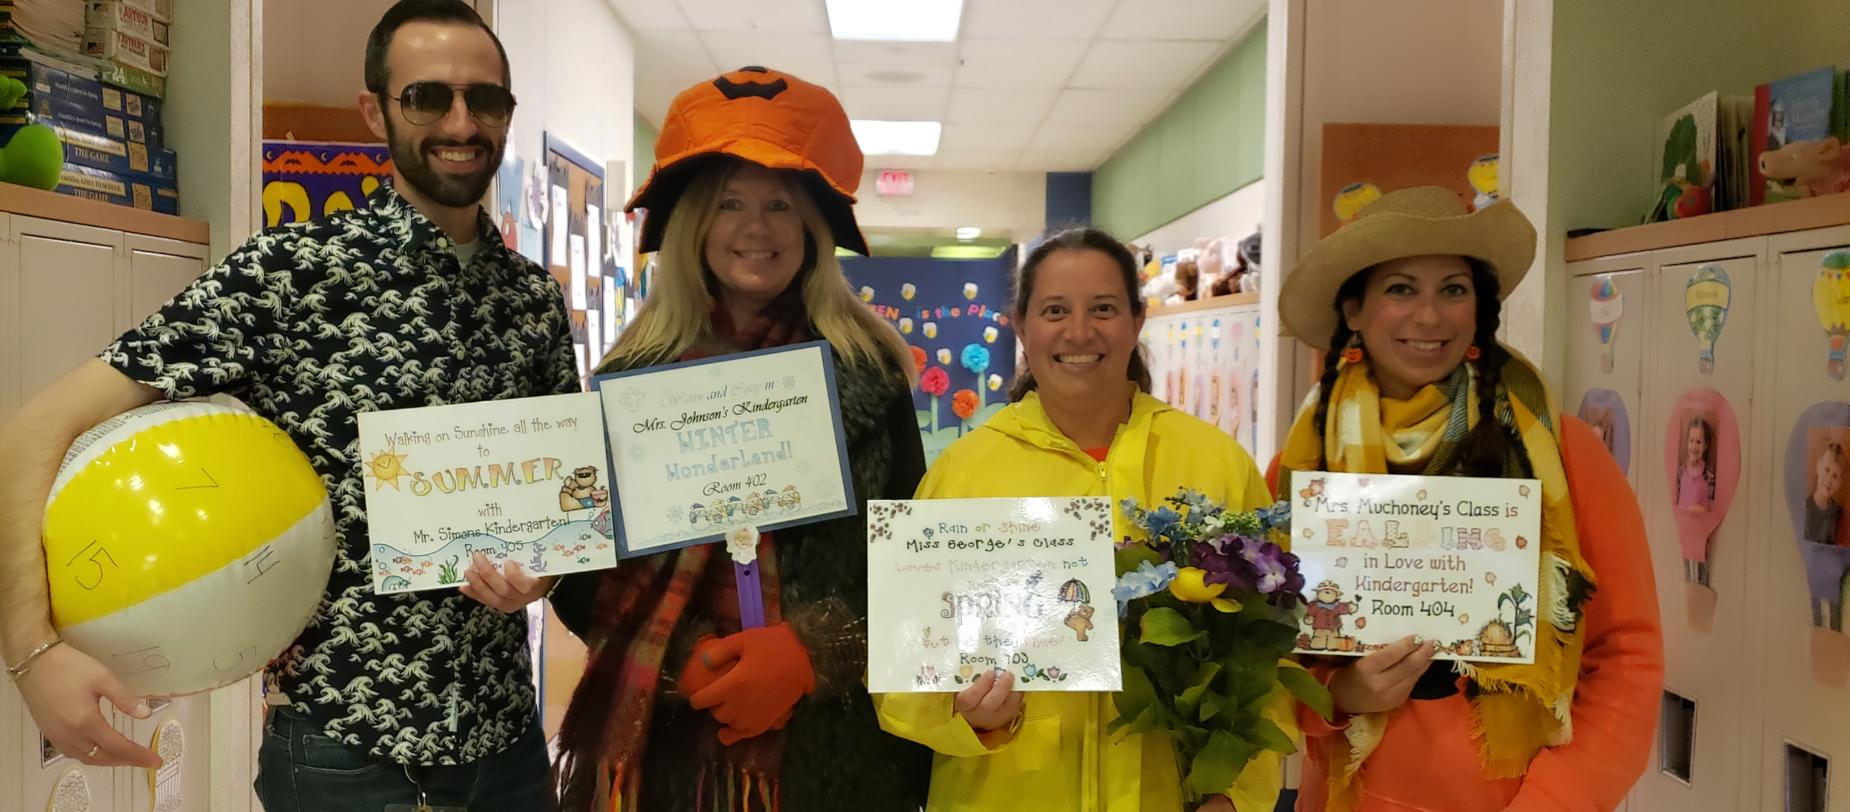 teachers dressed up